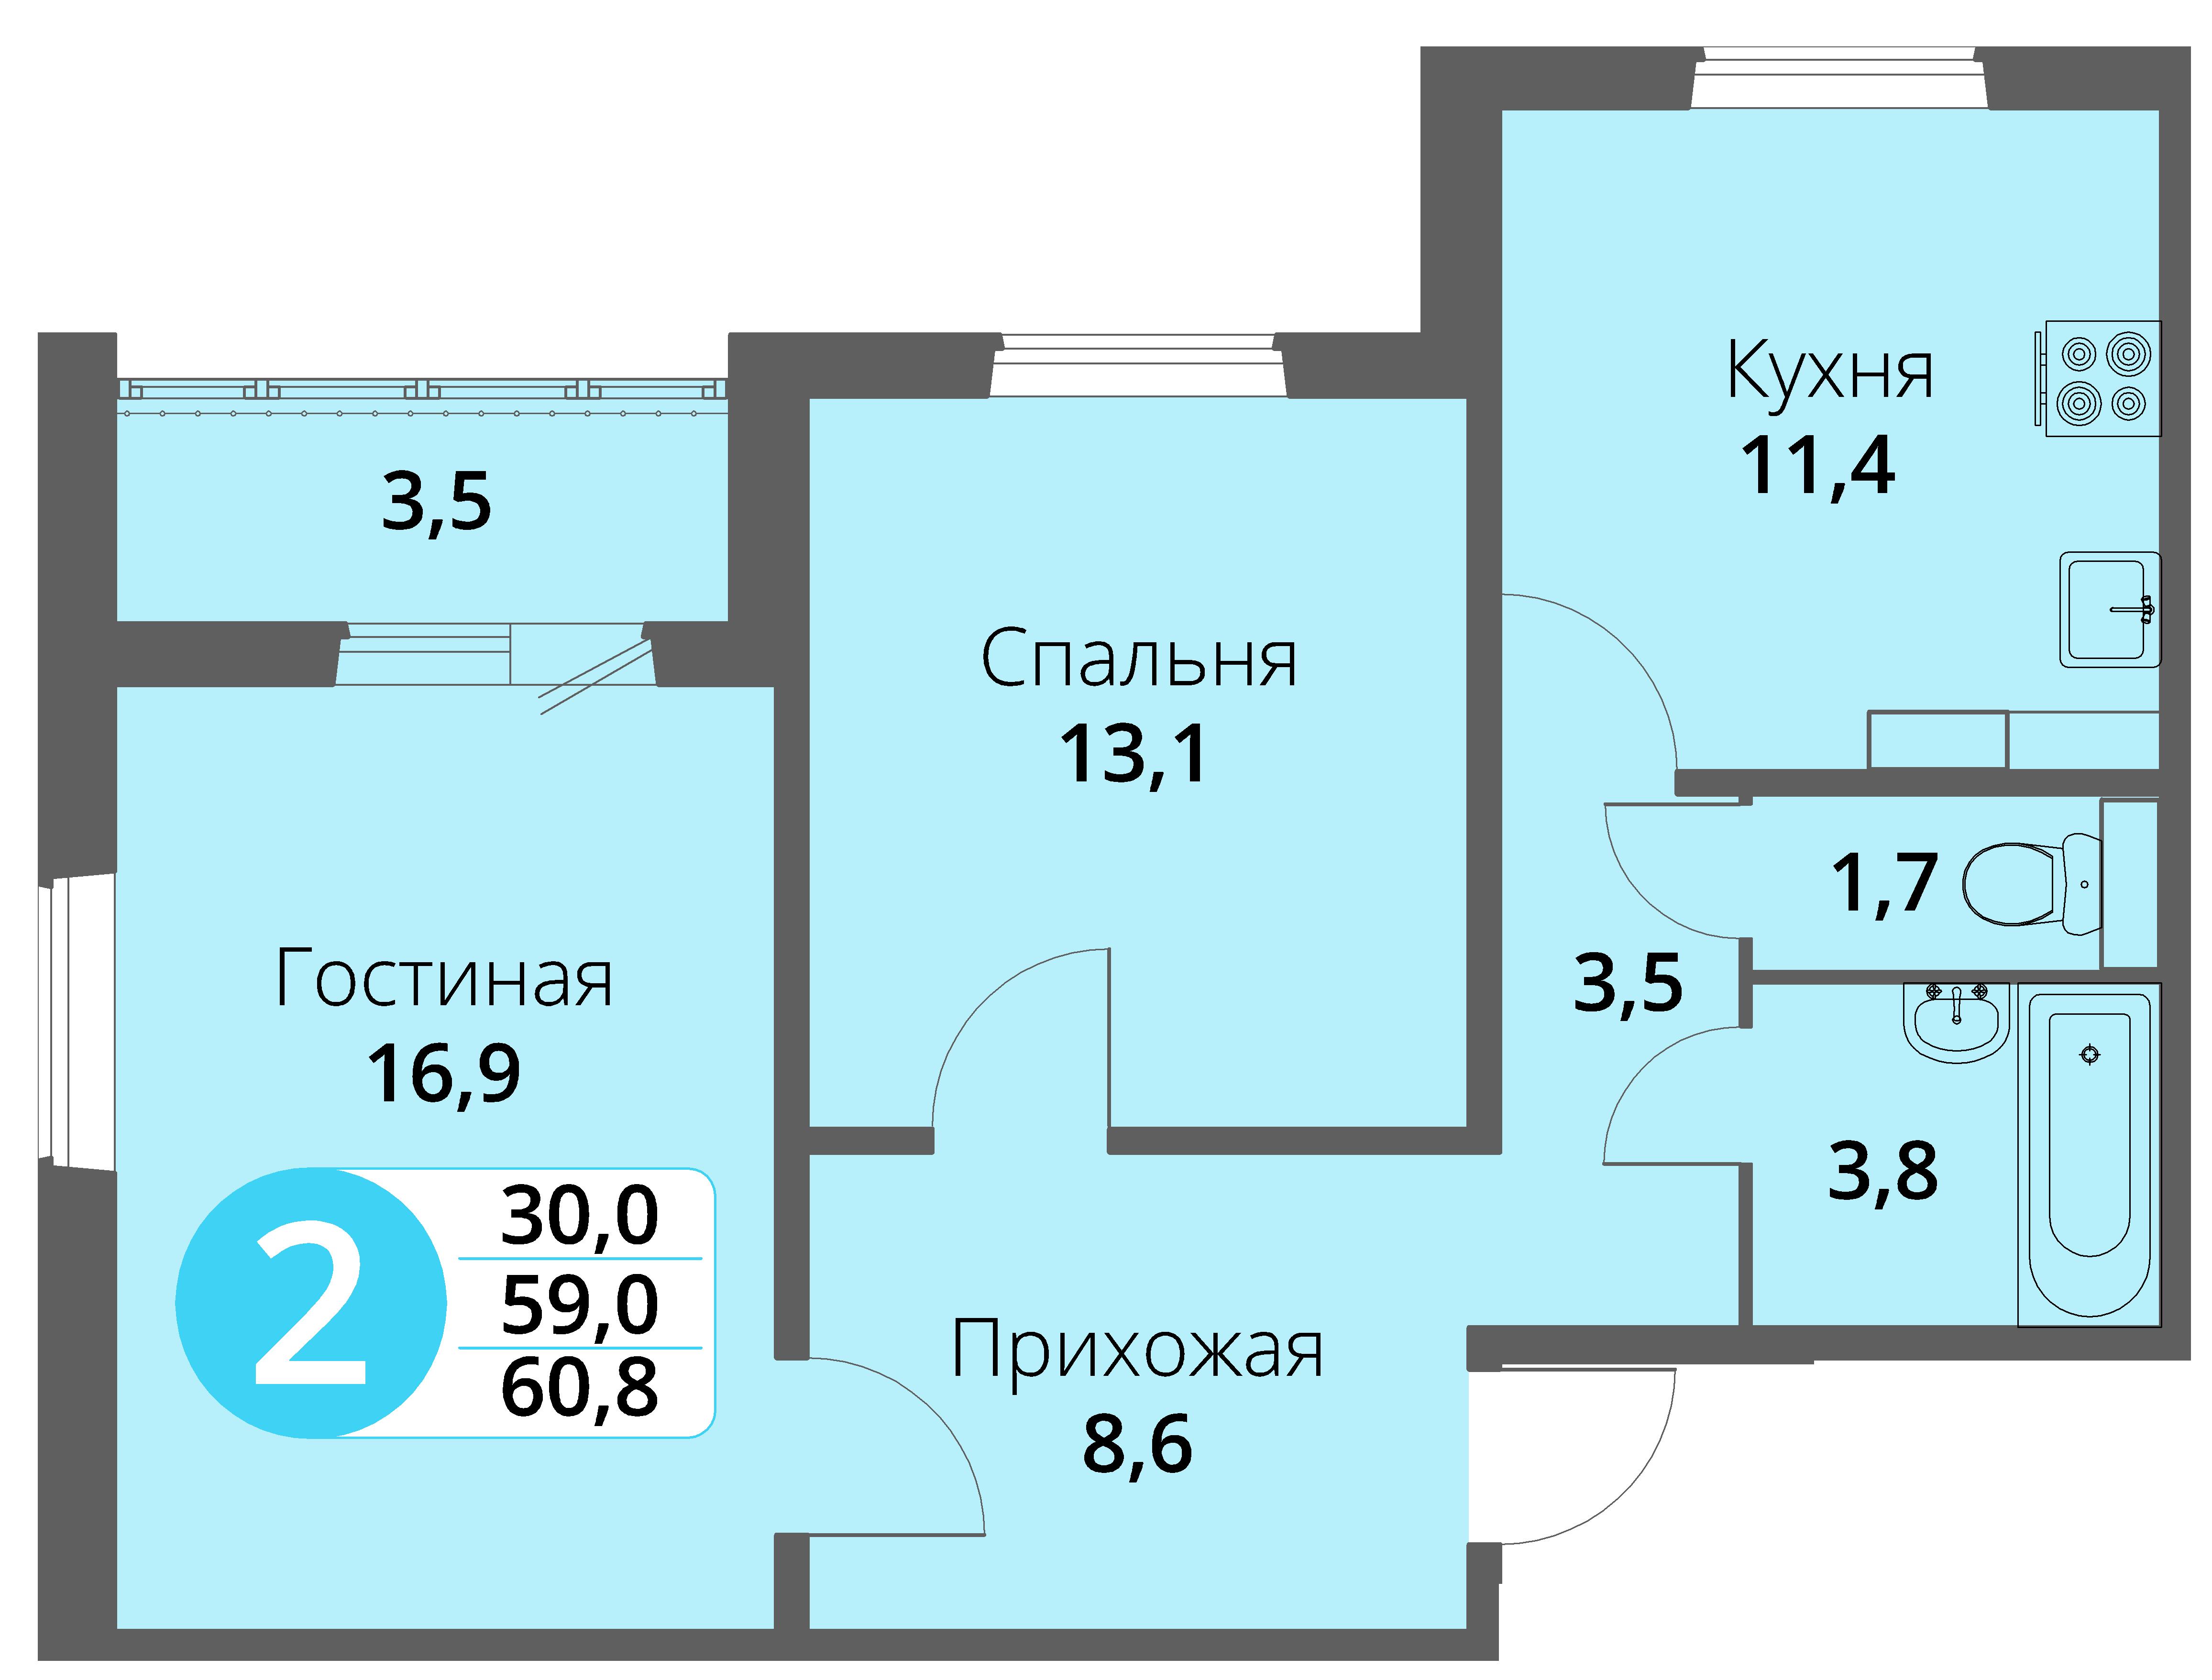 Зареченская 1-1, квартира 140 - Двухкомнатная